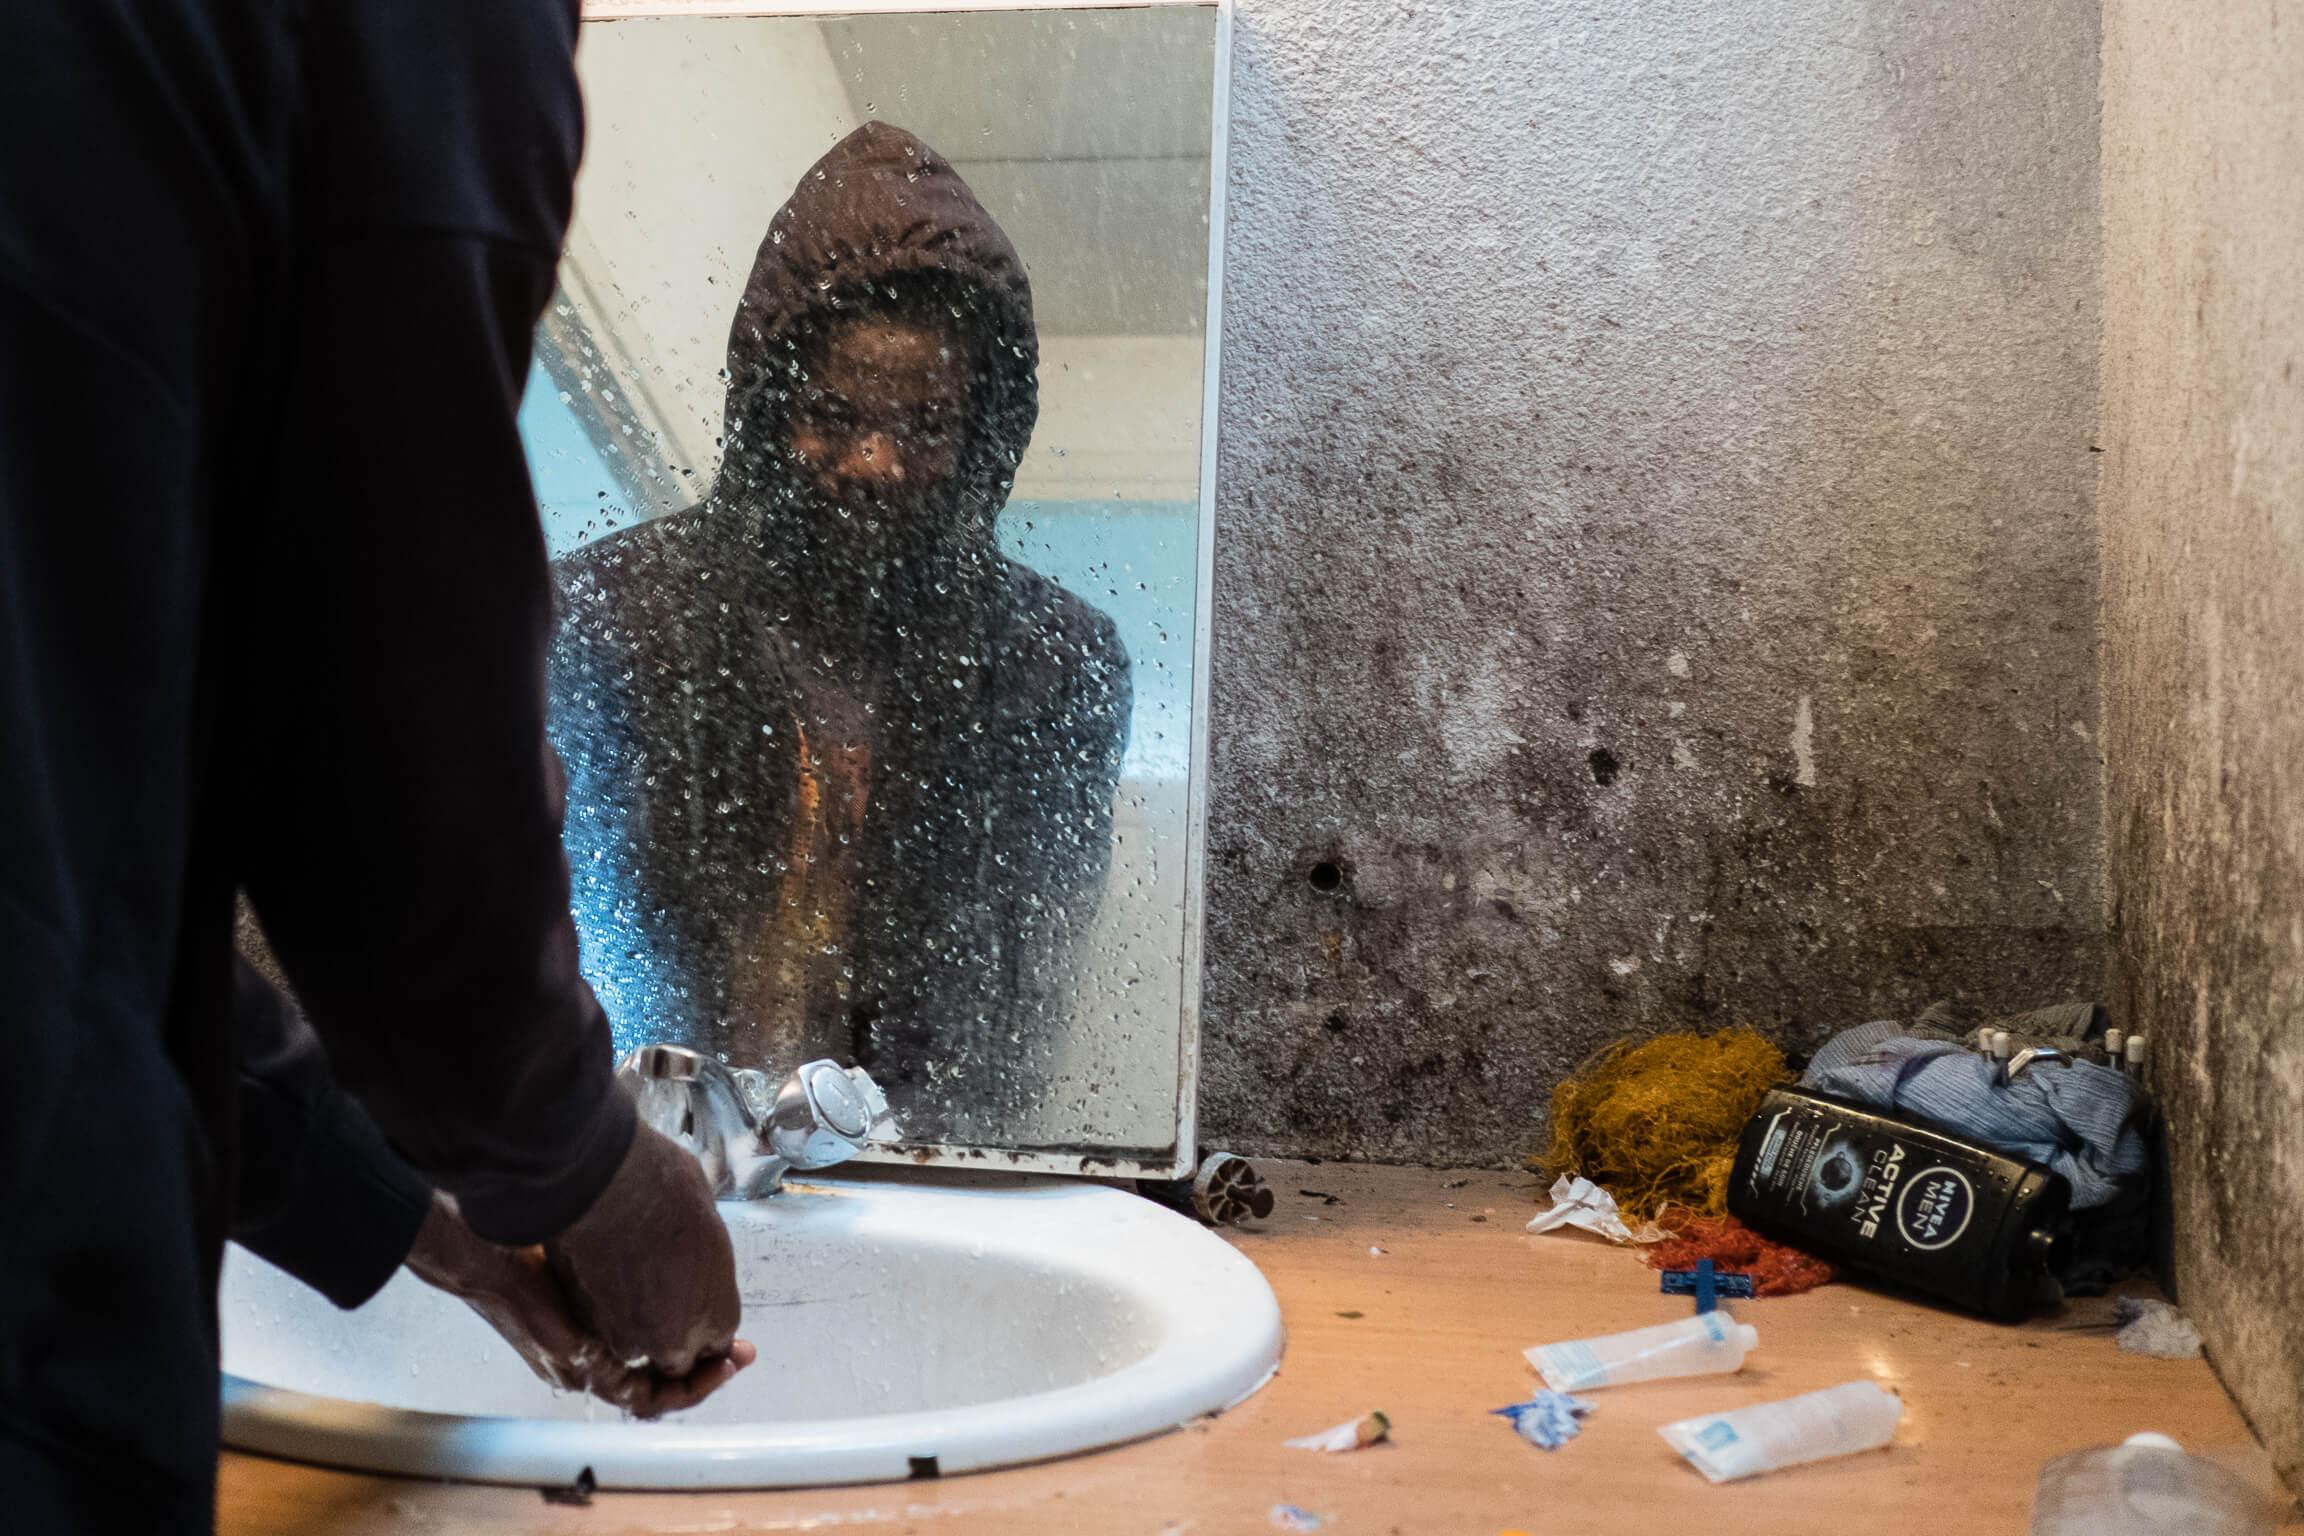 réfugié se lave les mains dans un squat qui a brûlé depuis